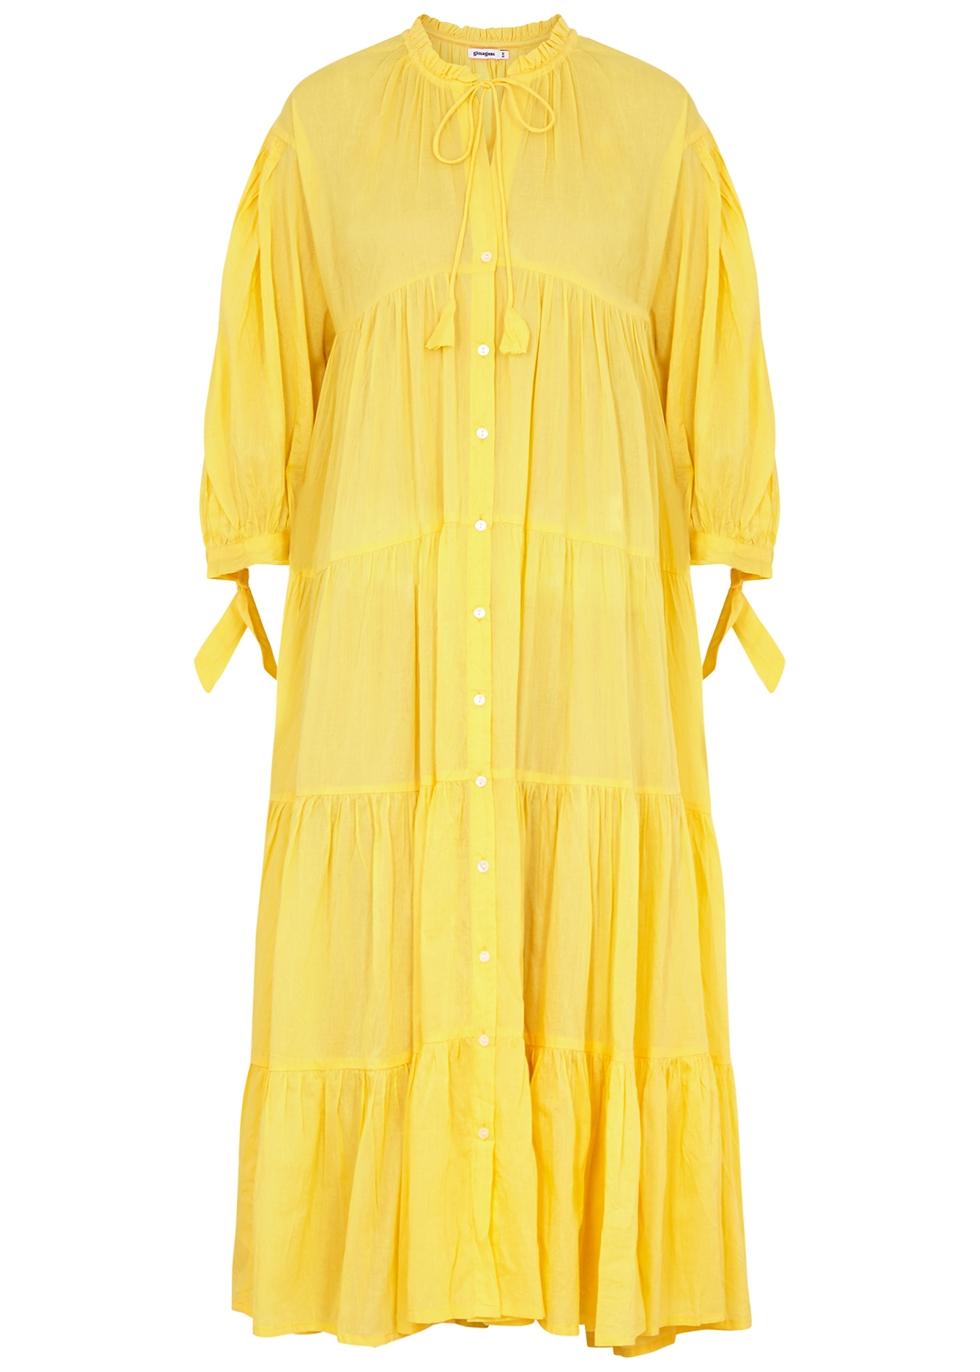 Oahu yellow tiered cotton midi dress